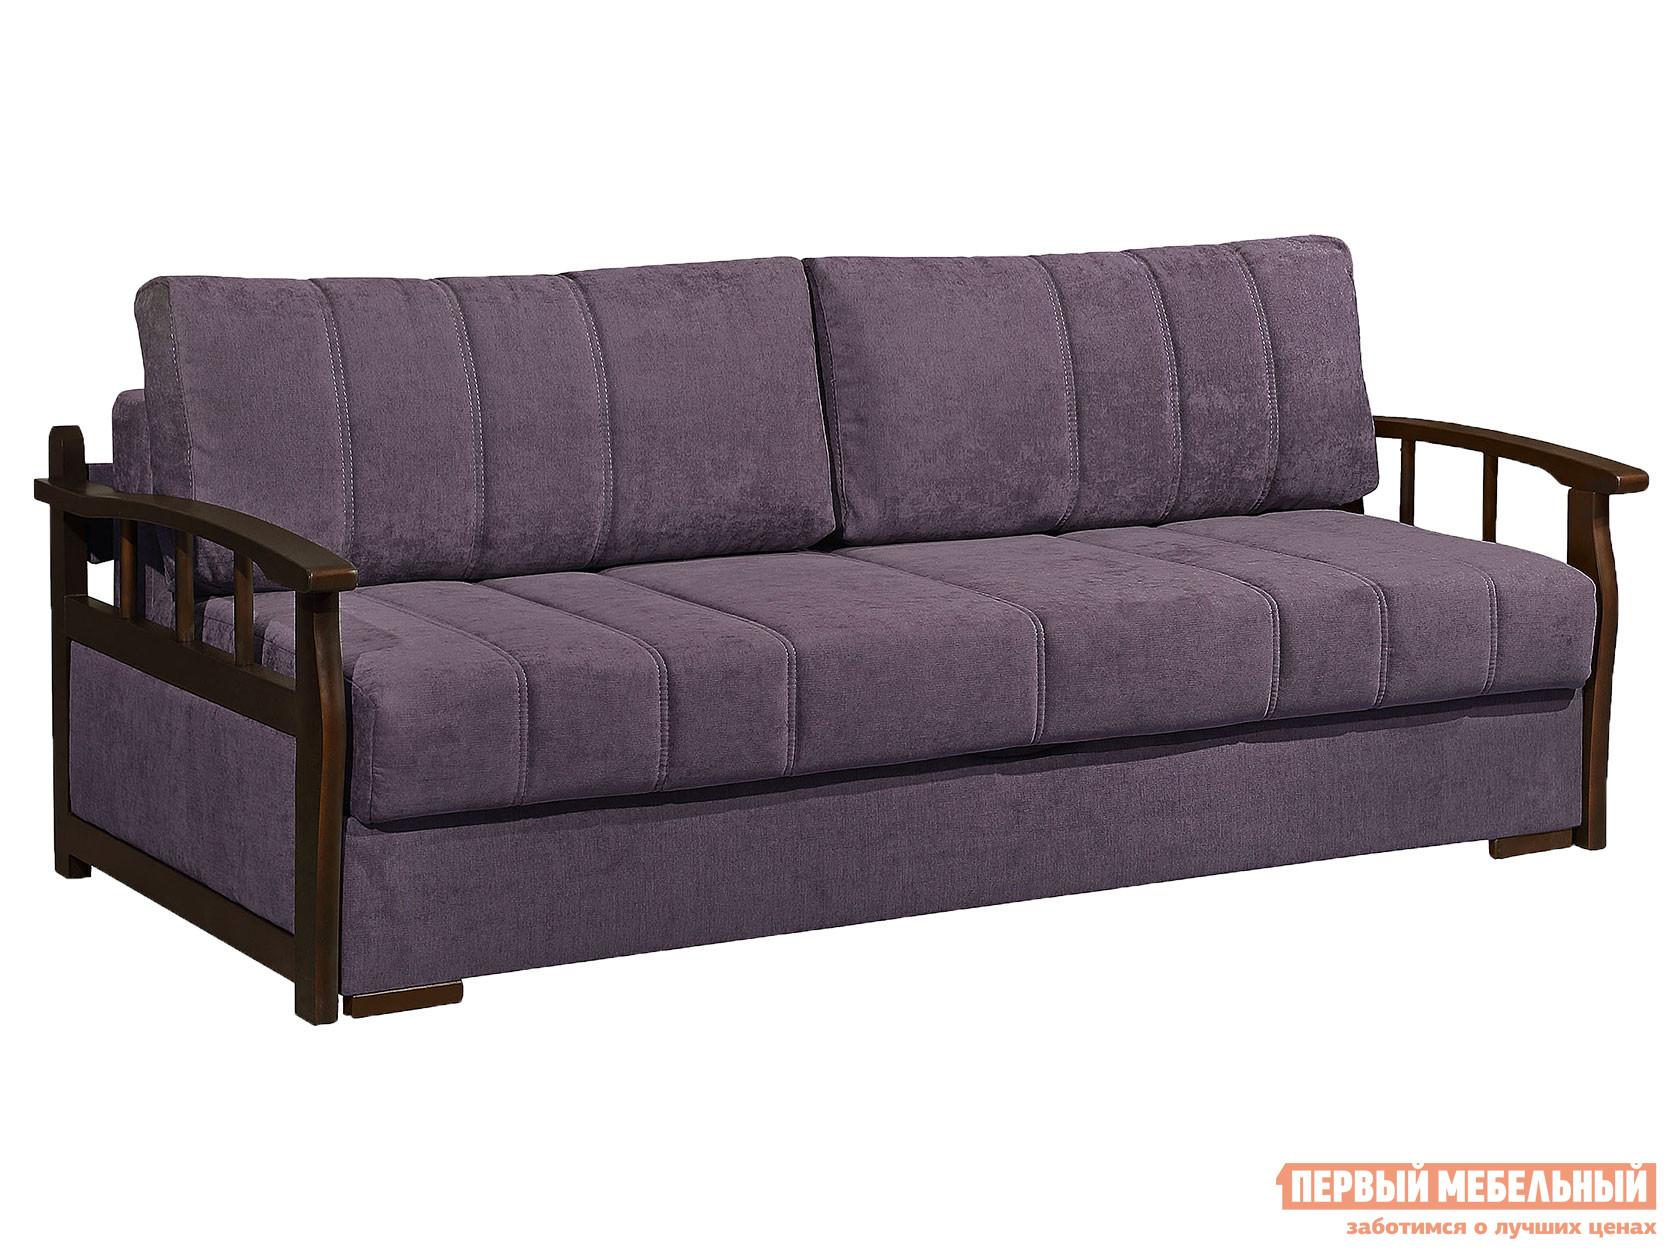 Прямой диван Первый Мебельный Диван Барон Люкс